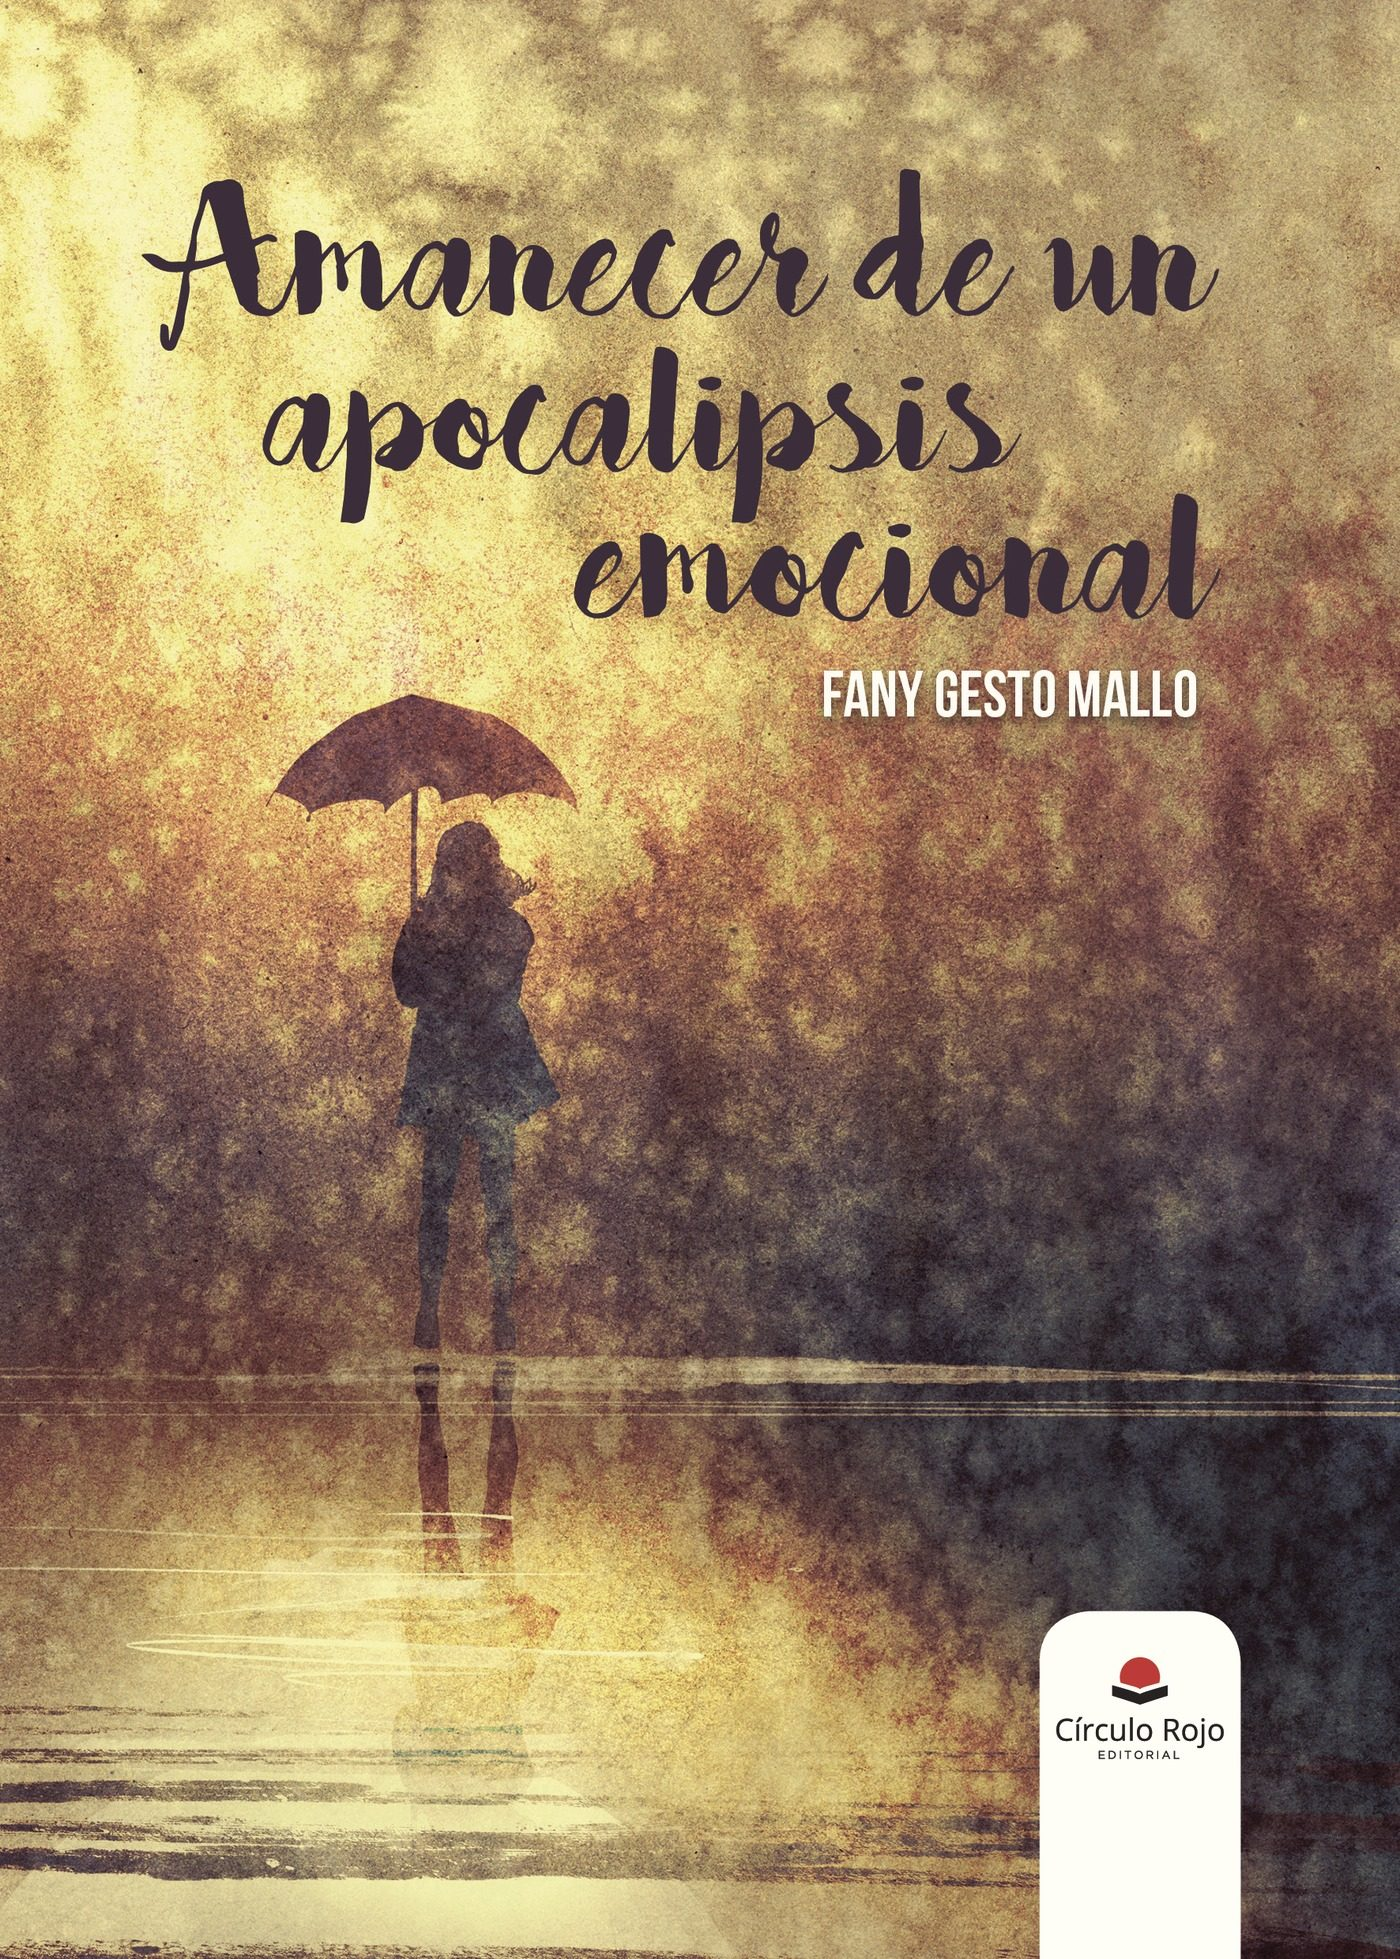 Amanecer de un apocalipsis emocional